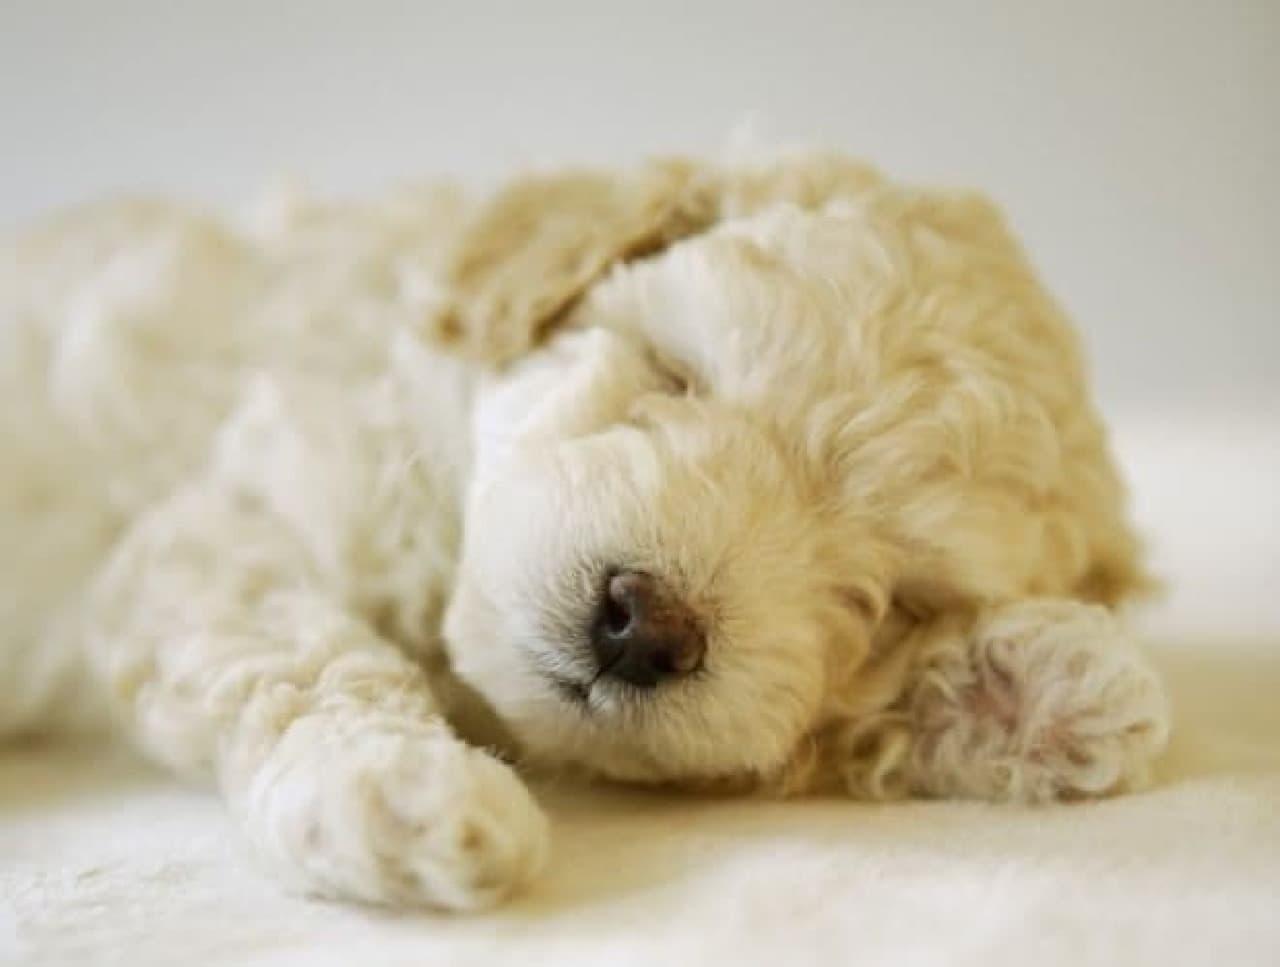 愛犬と一緒に宿泊できる温泉リゾート「愛犬お宿 伊豆高原」オープン